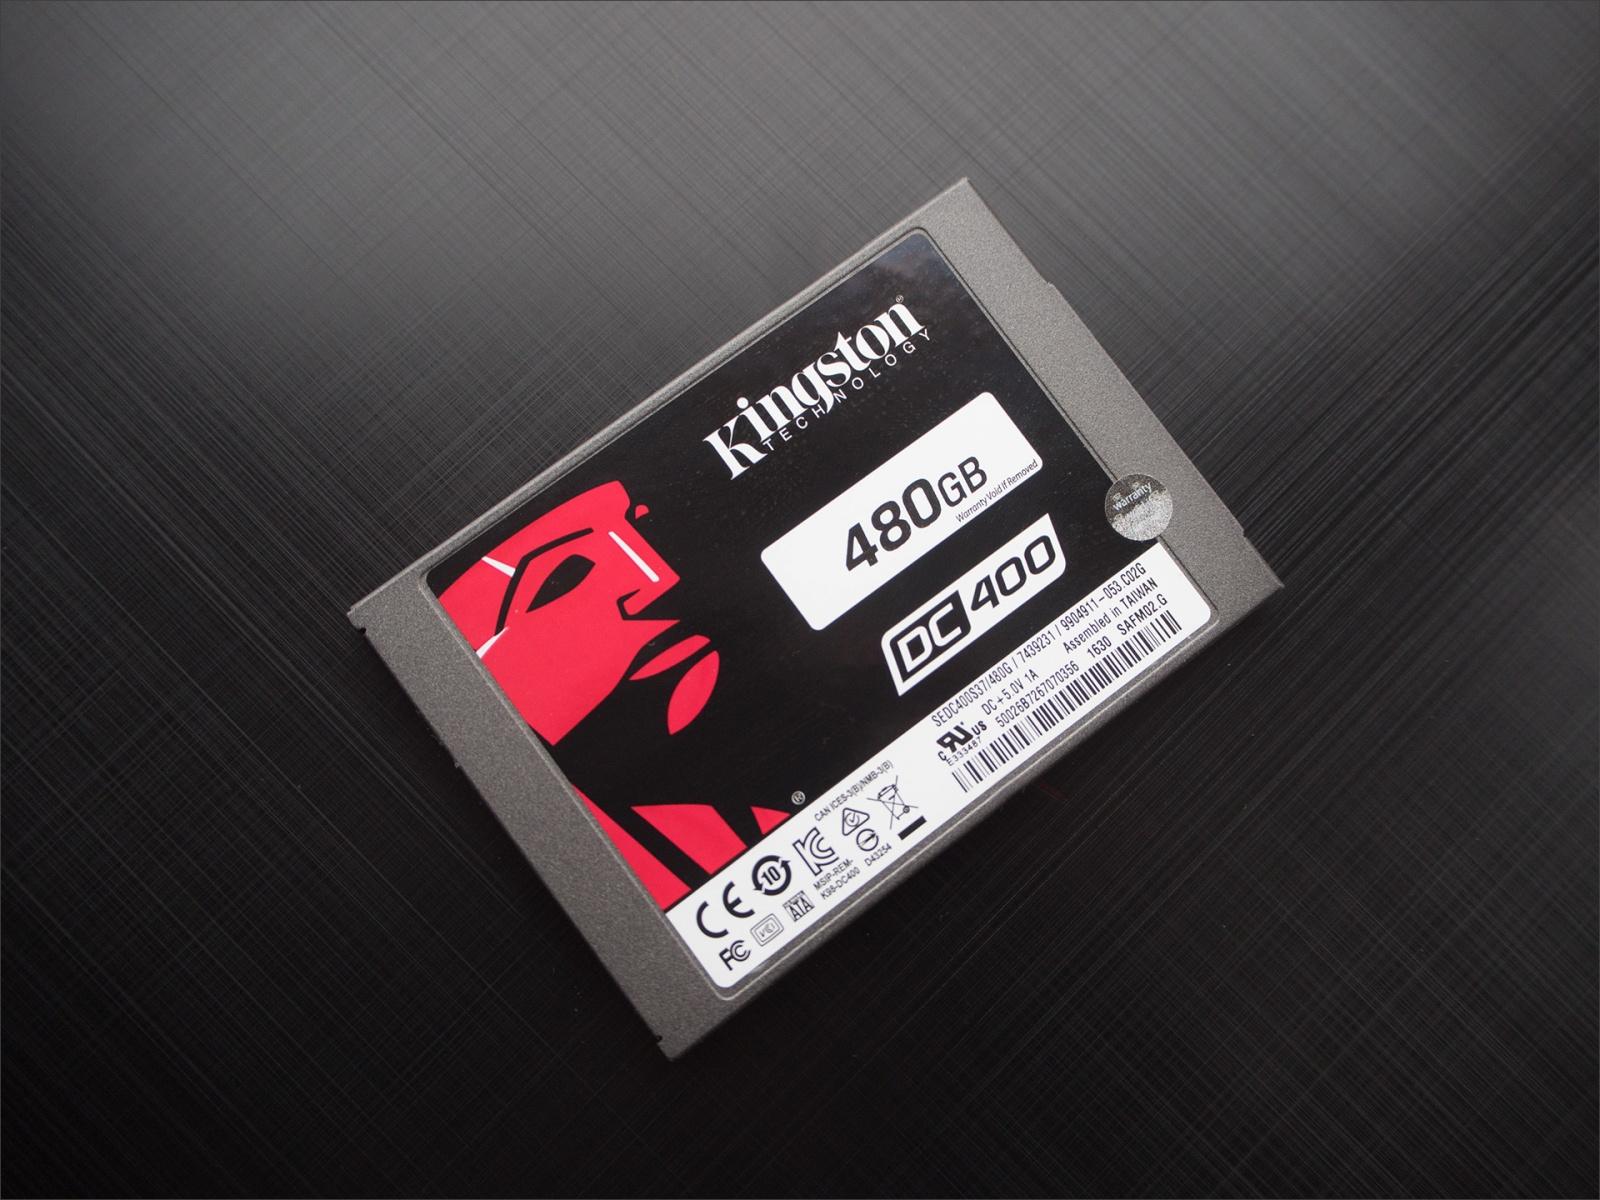 Kingston DC400: вместительные SSD за разумные деньги - 14